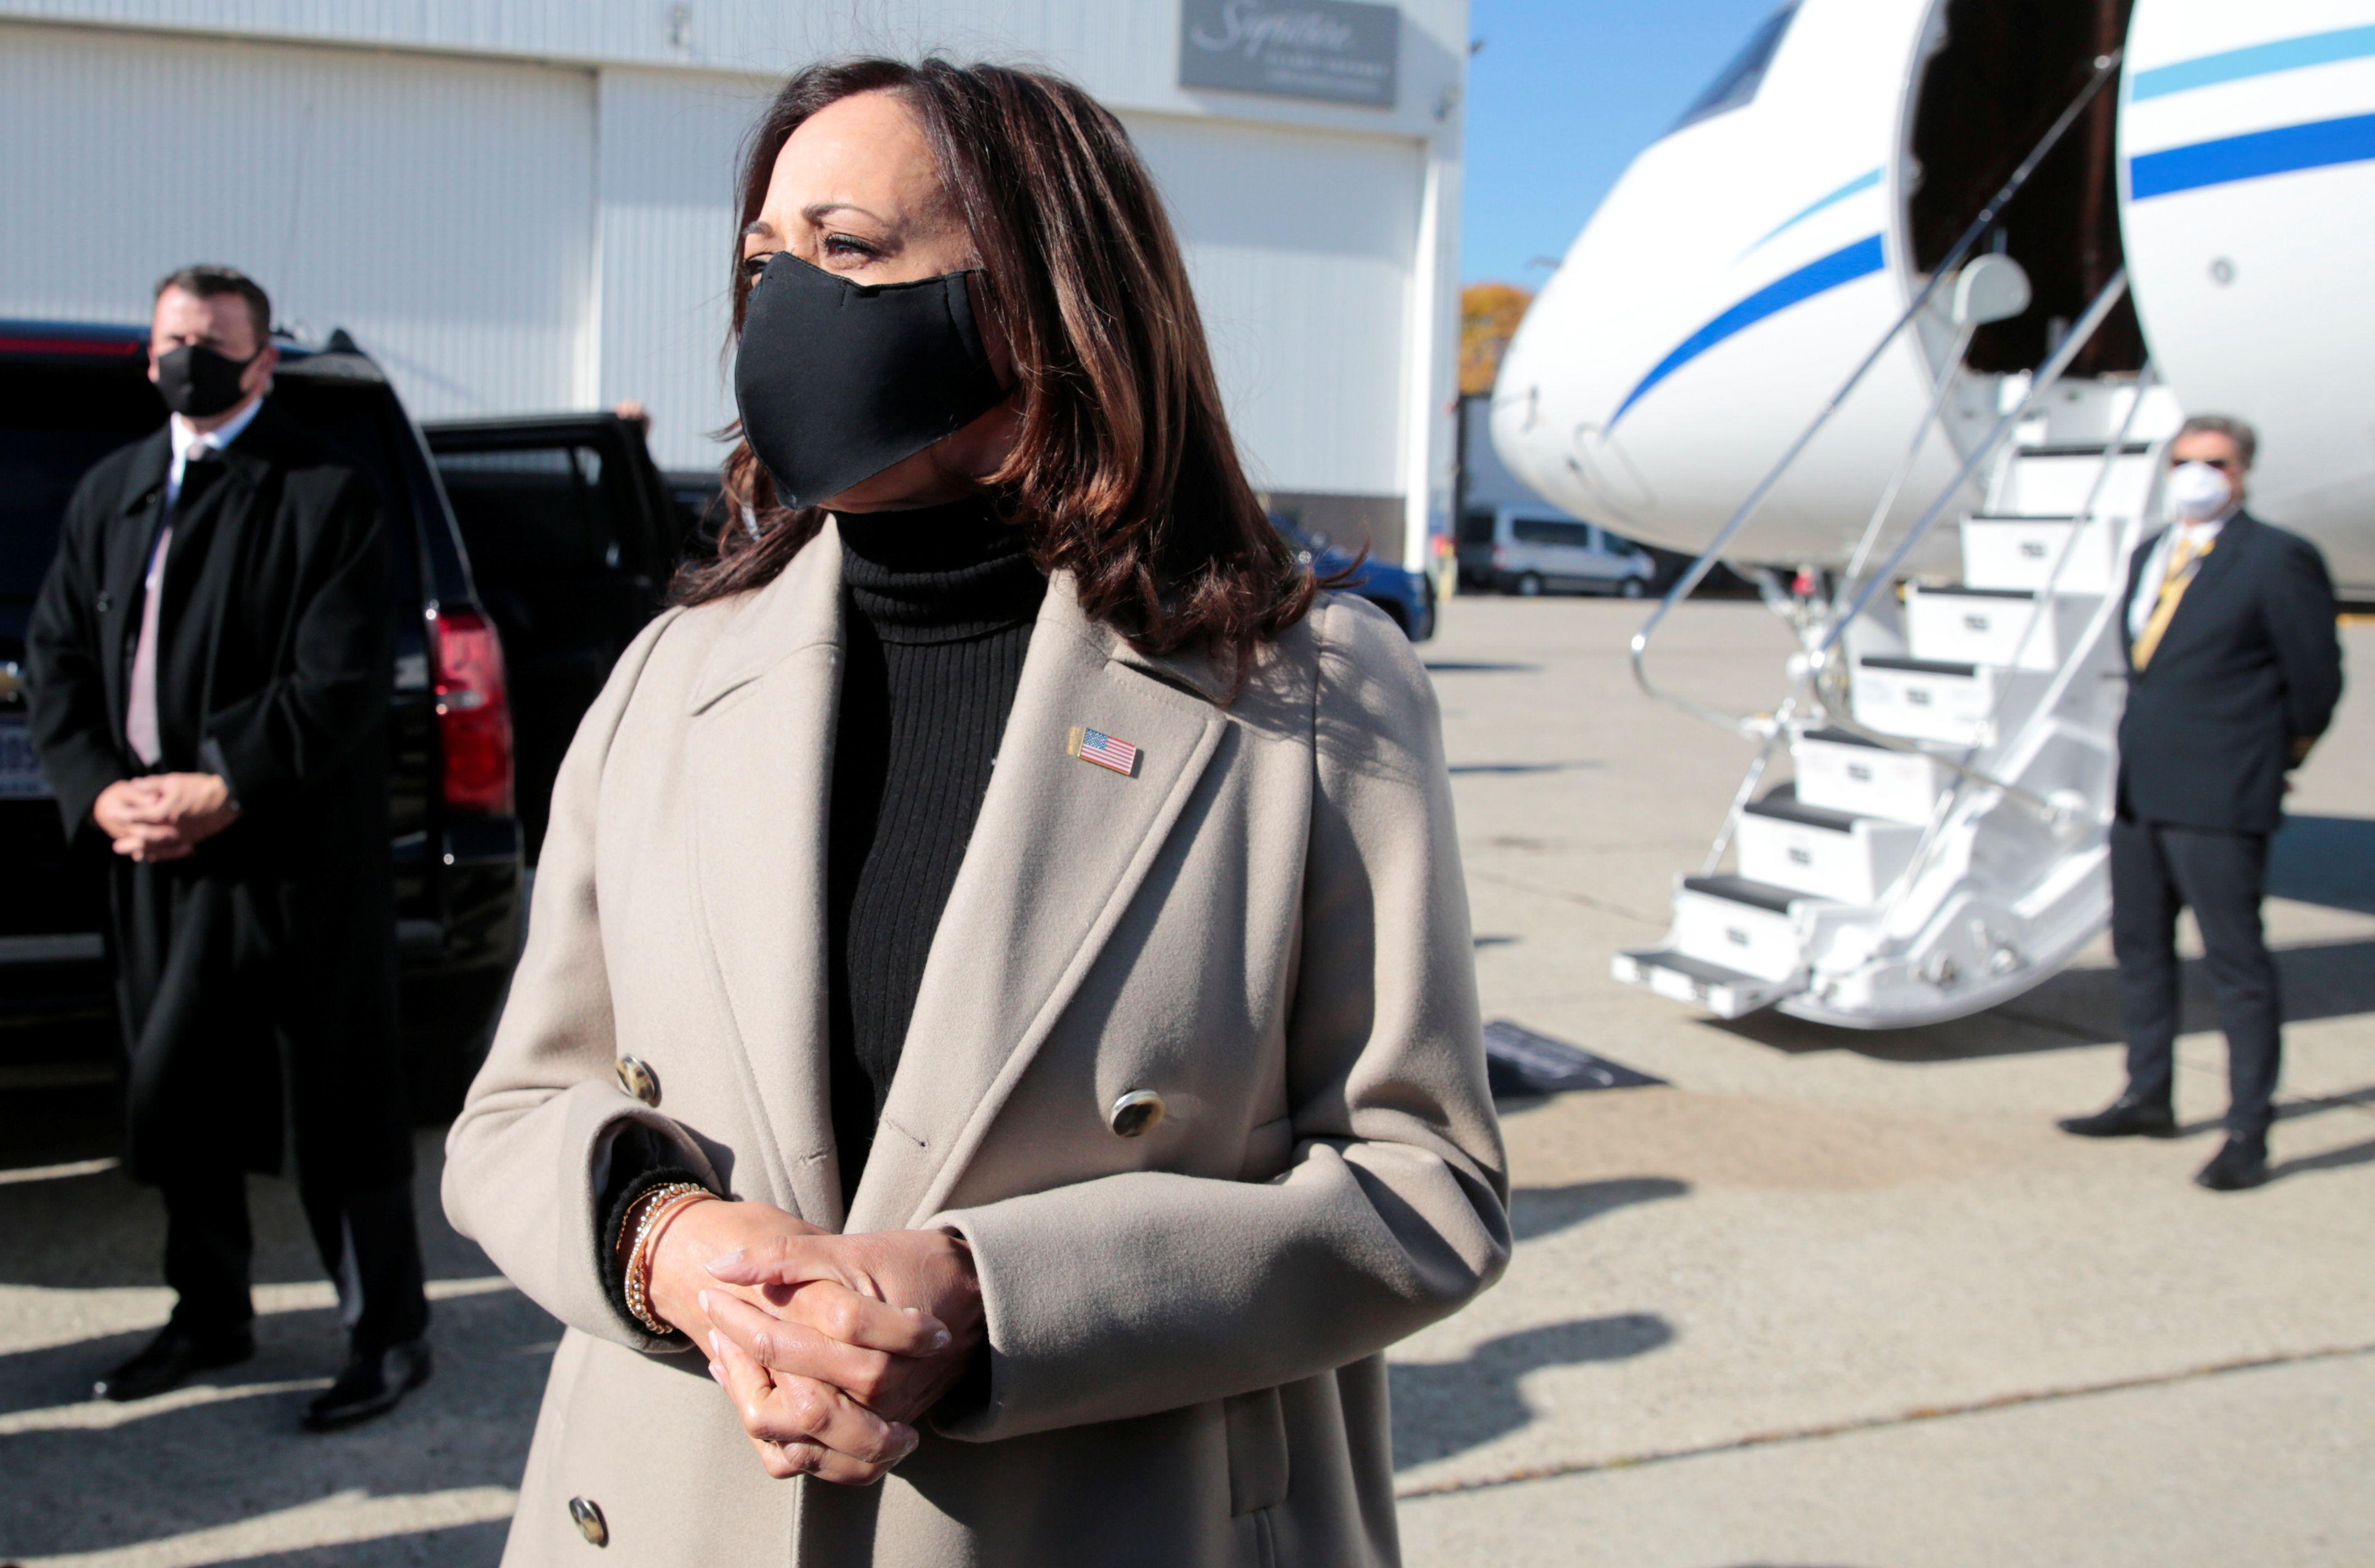 La candidata demócrata a la vicepresidencia Kamala Harris llega al aeropuerto Metro de Romulus en Michigan. REUTERS/Rebecca Cook